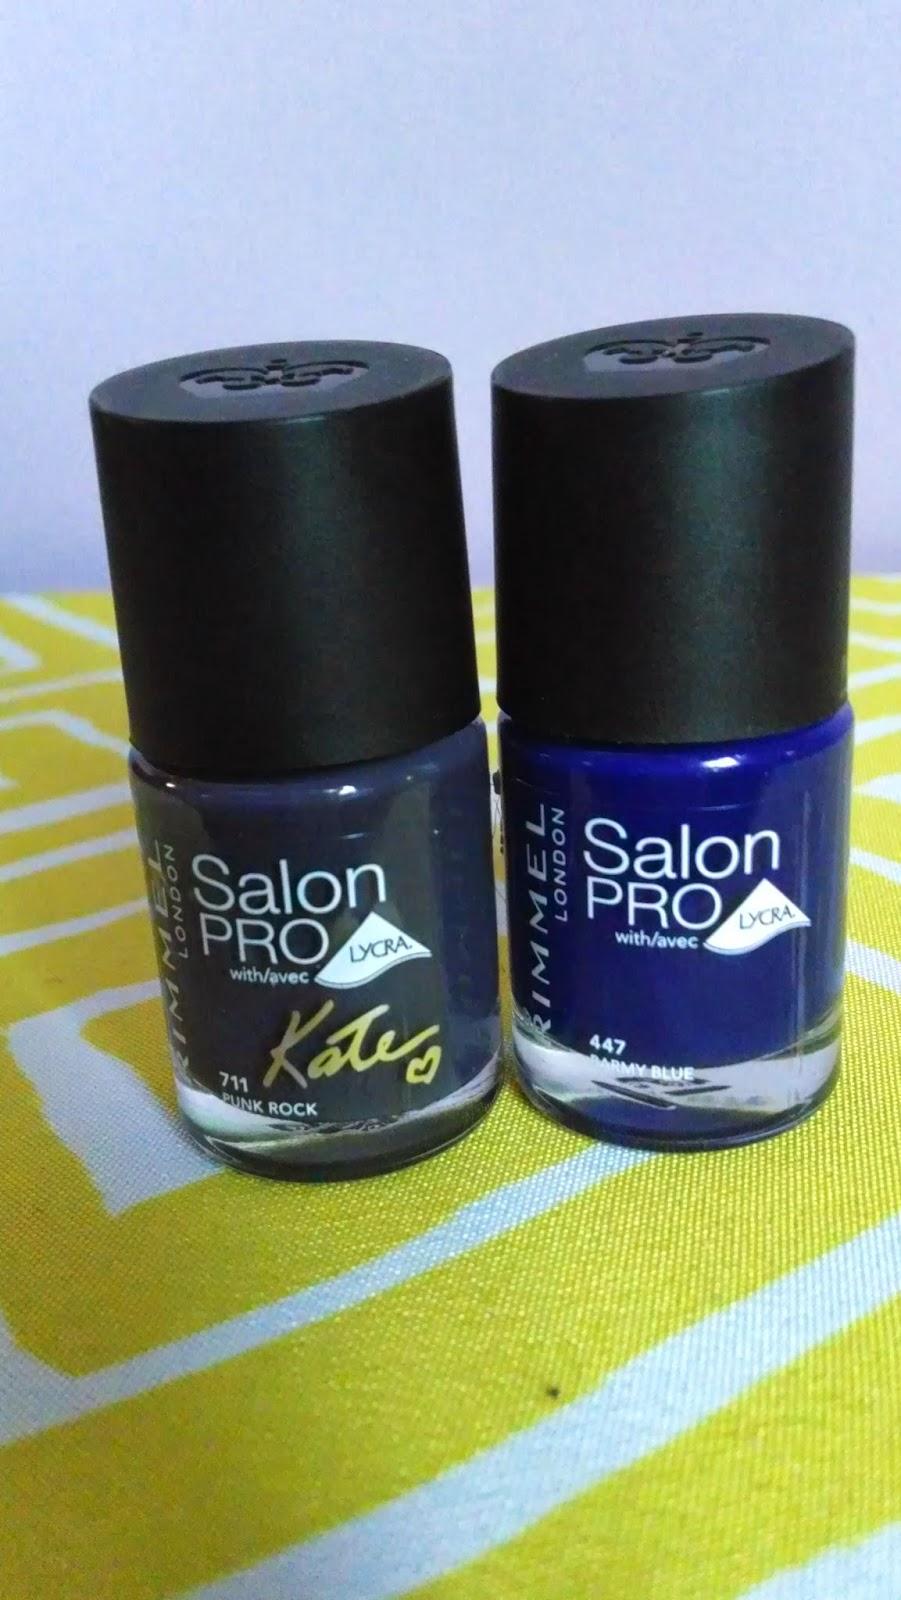 Rimmel Salon Pro with Lycra